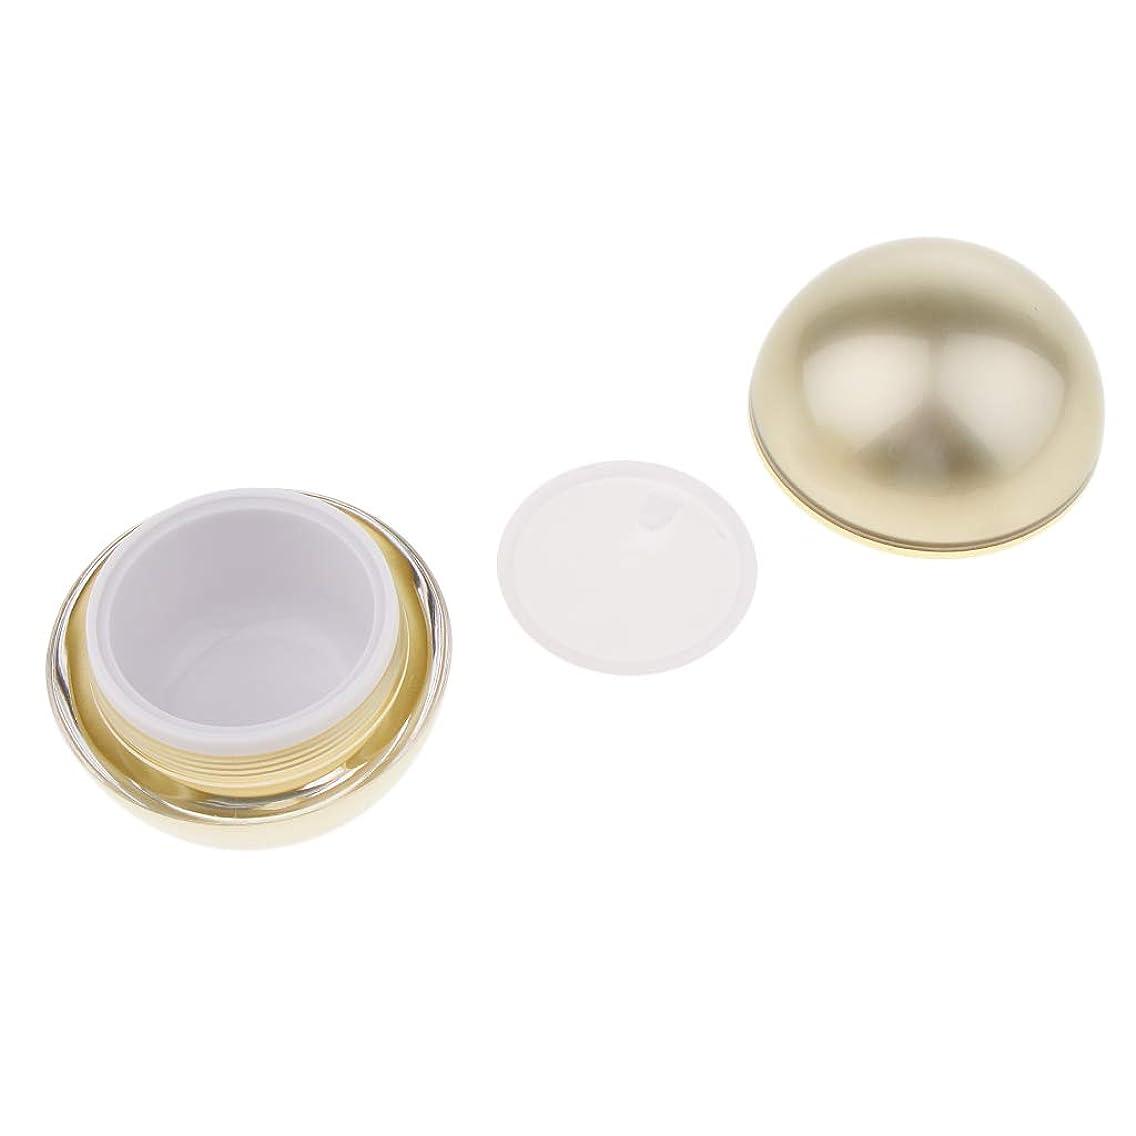 口ひげペースぬれたToygogo 化粧品 容器 クリーム容器 ボール型 空ポット 化粧ジャー 詰め替え式 3サイズ選べ - 50g